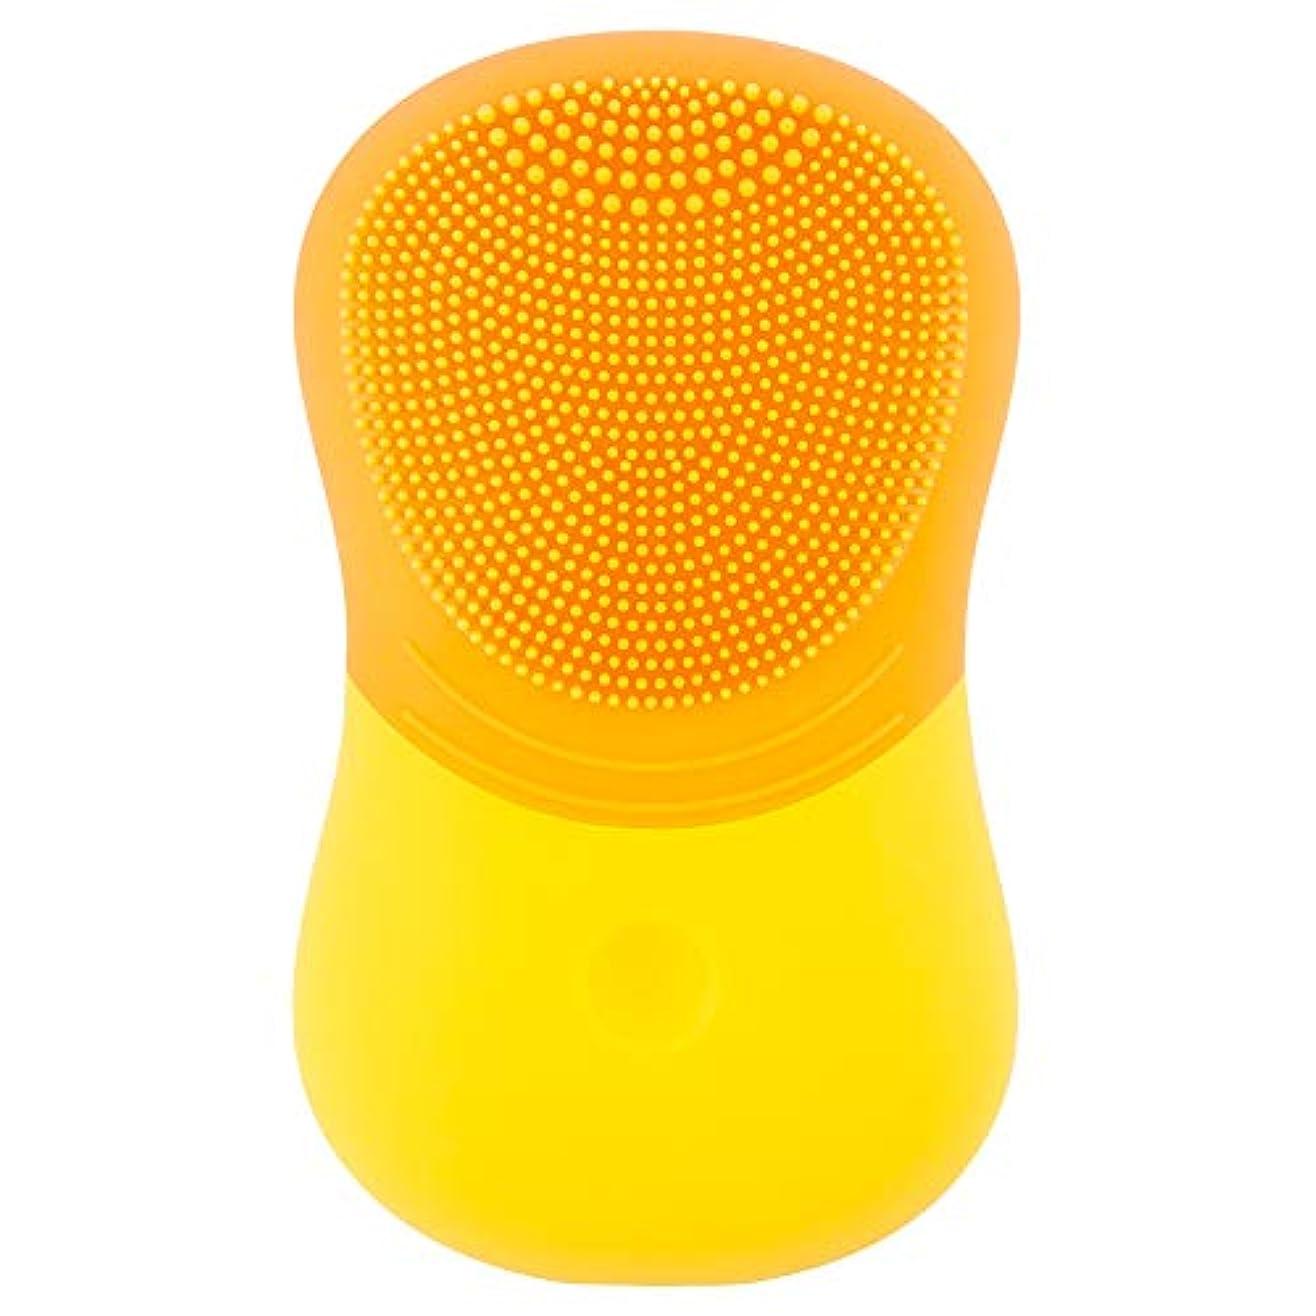 パターン良心的社員シリコーン電気クレンジング器具USB充電超音波振動マッサージ器具洗浄顔顔毛穴クリーナー,C